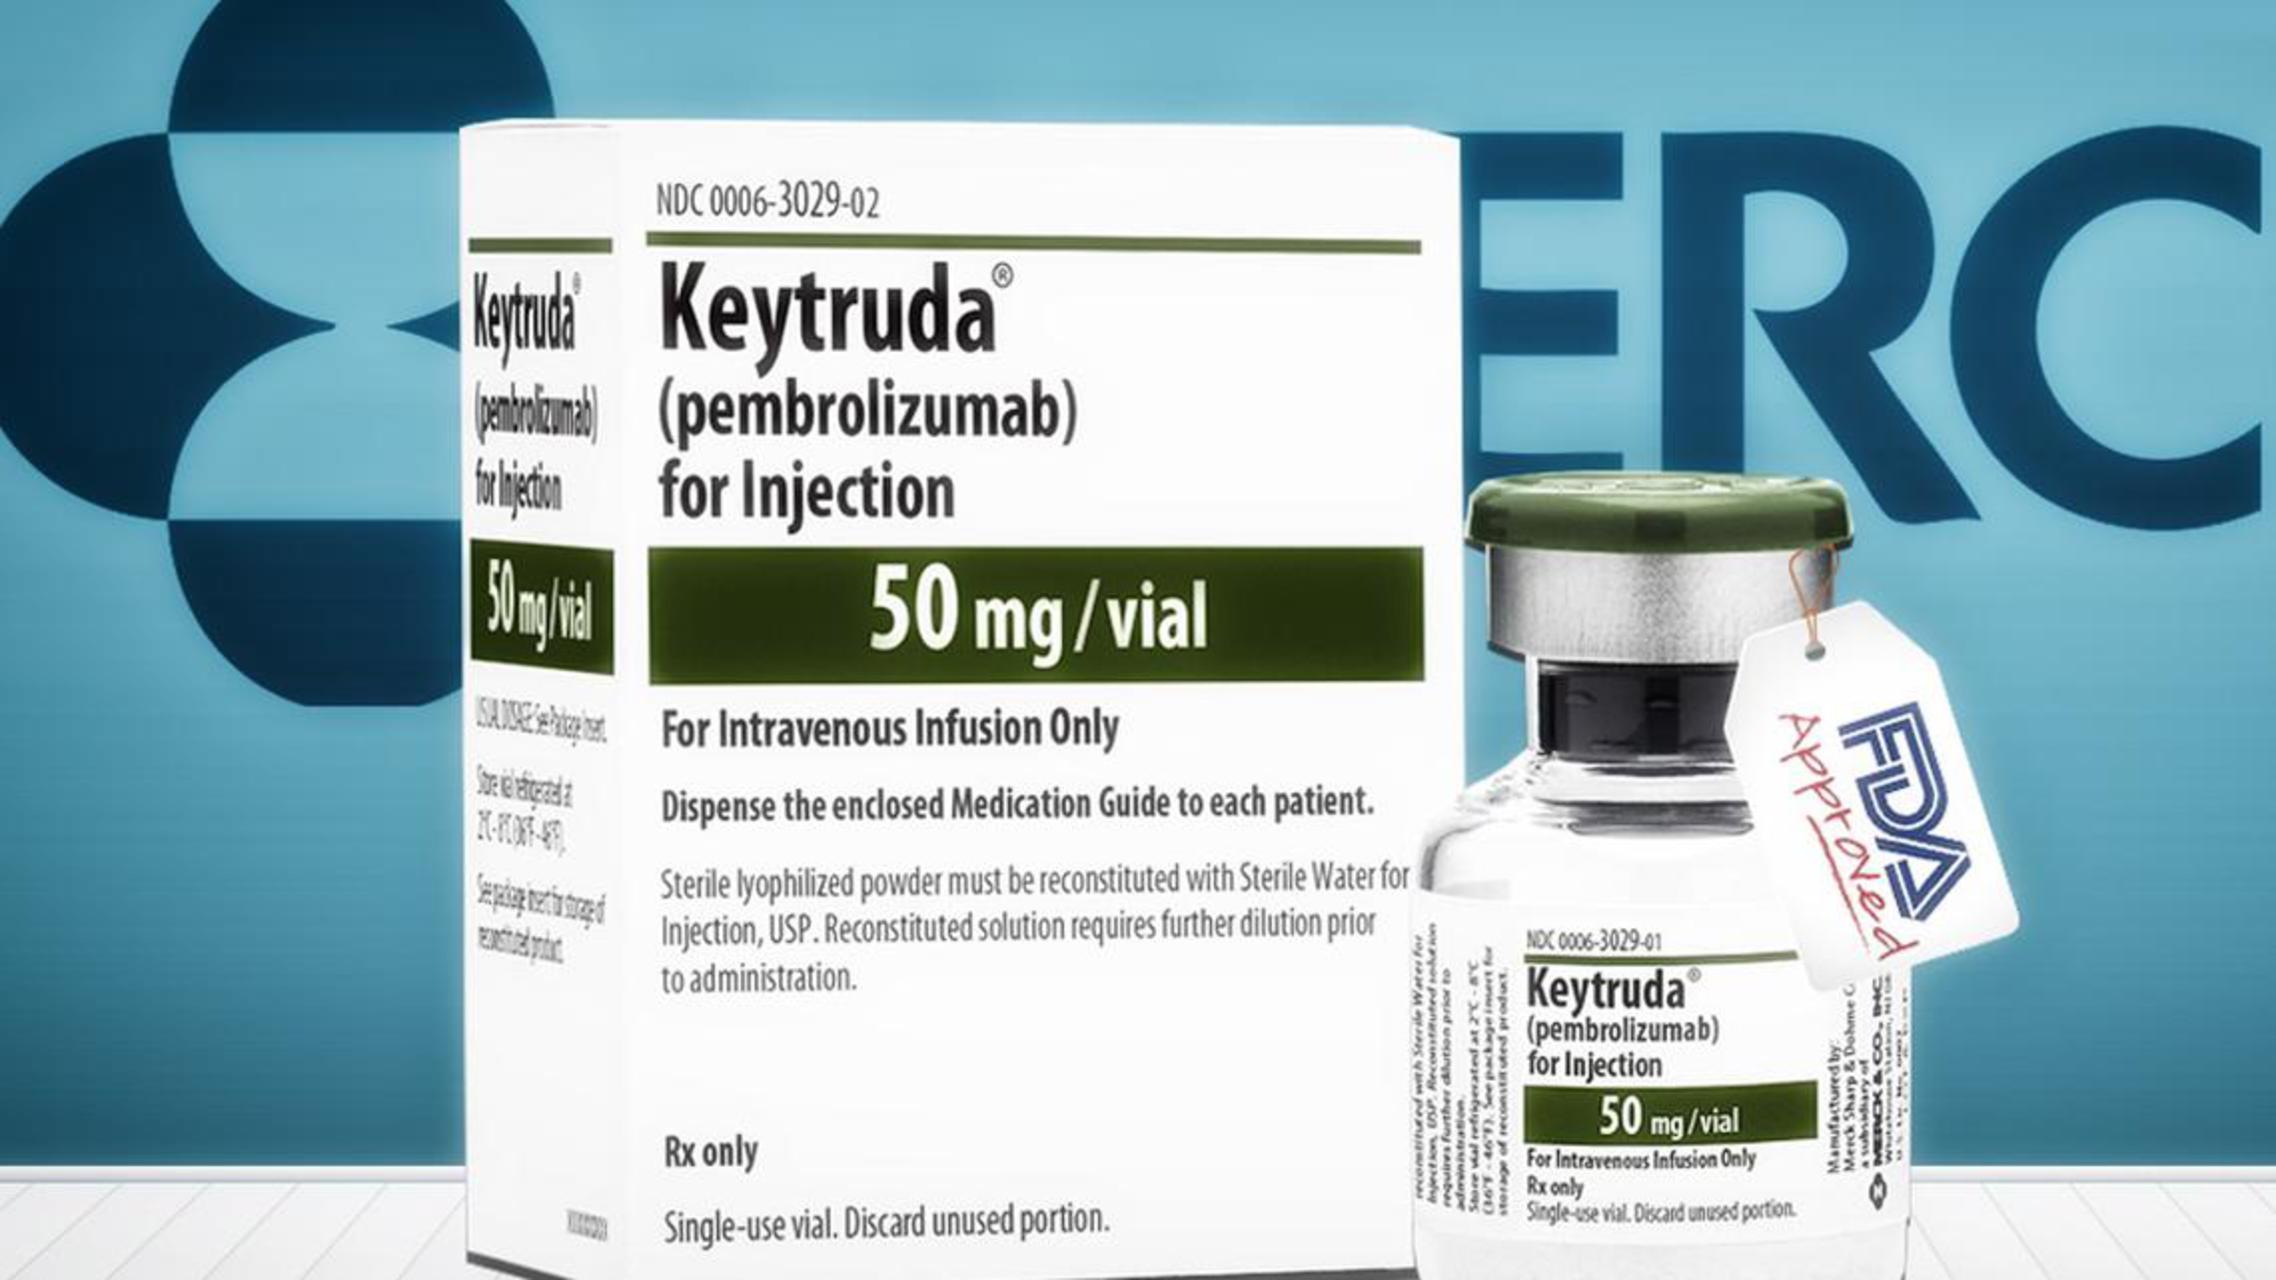 Keytruda drug